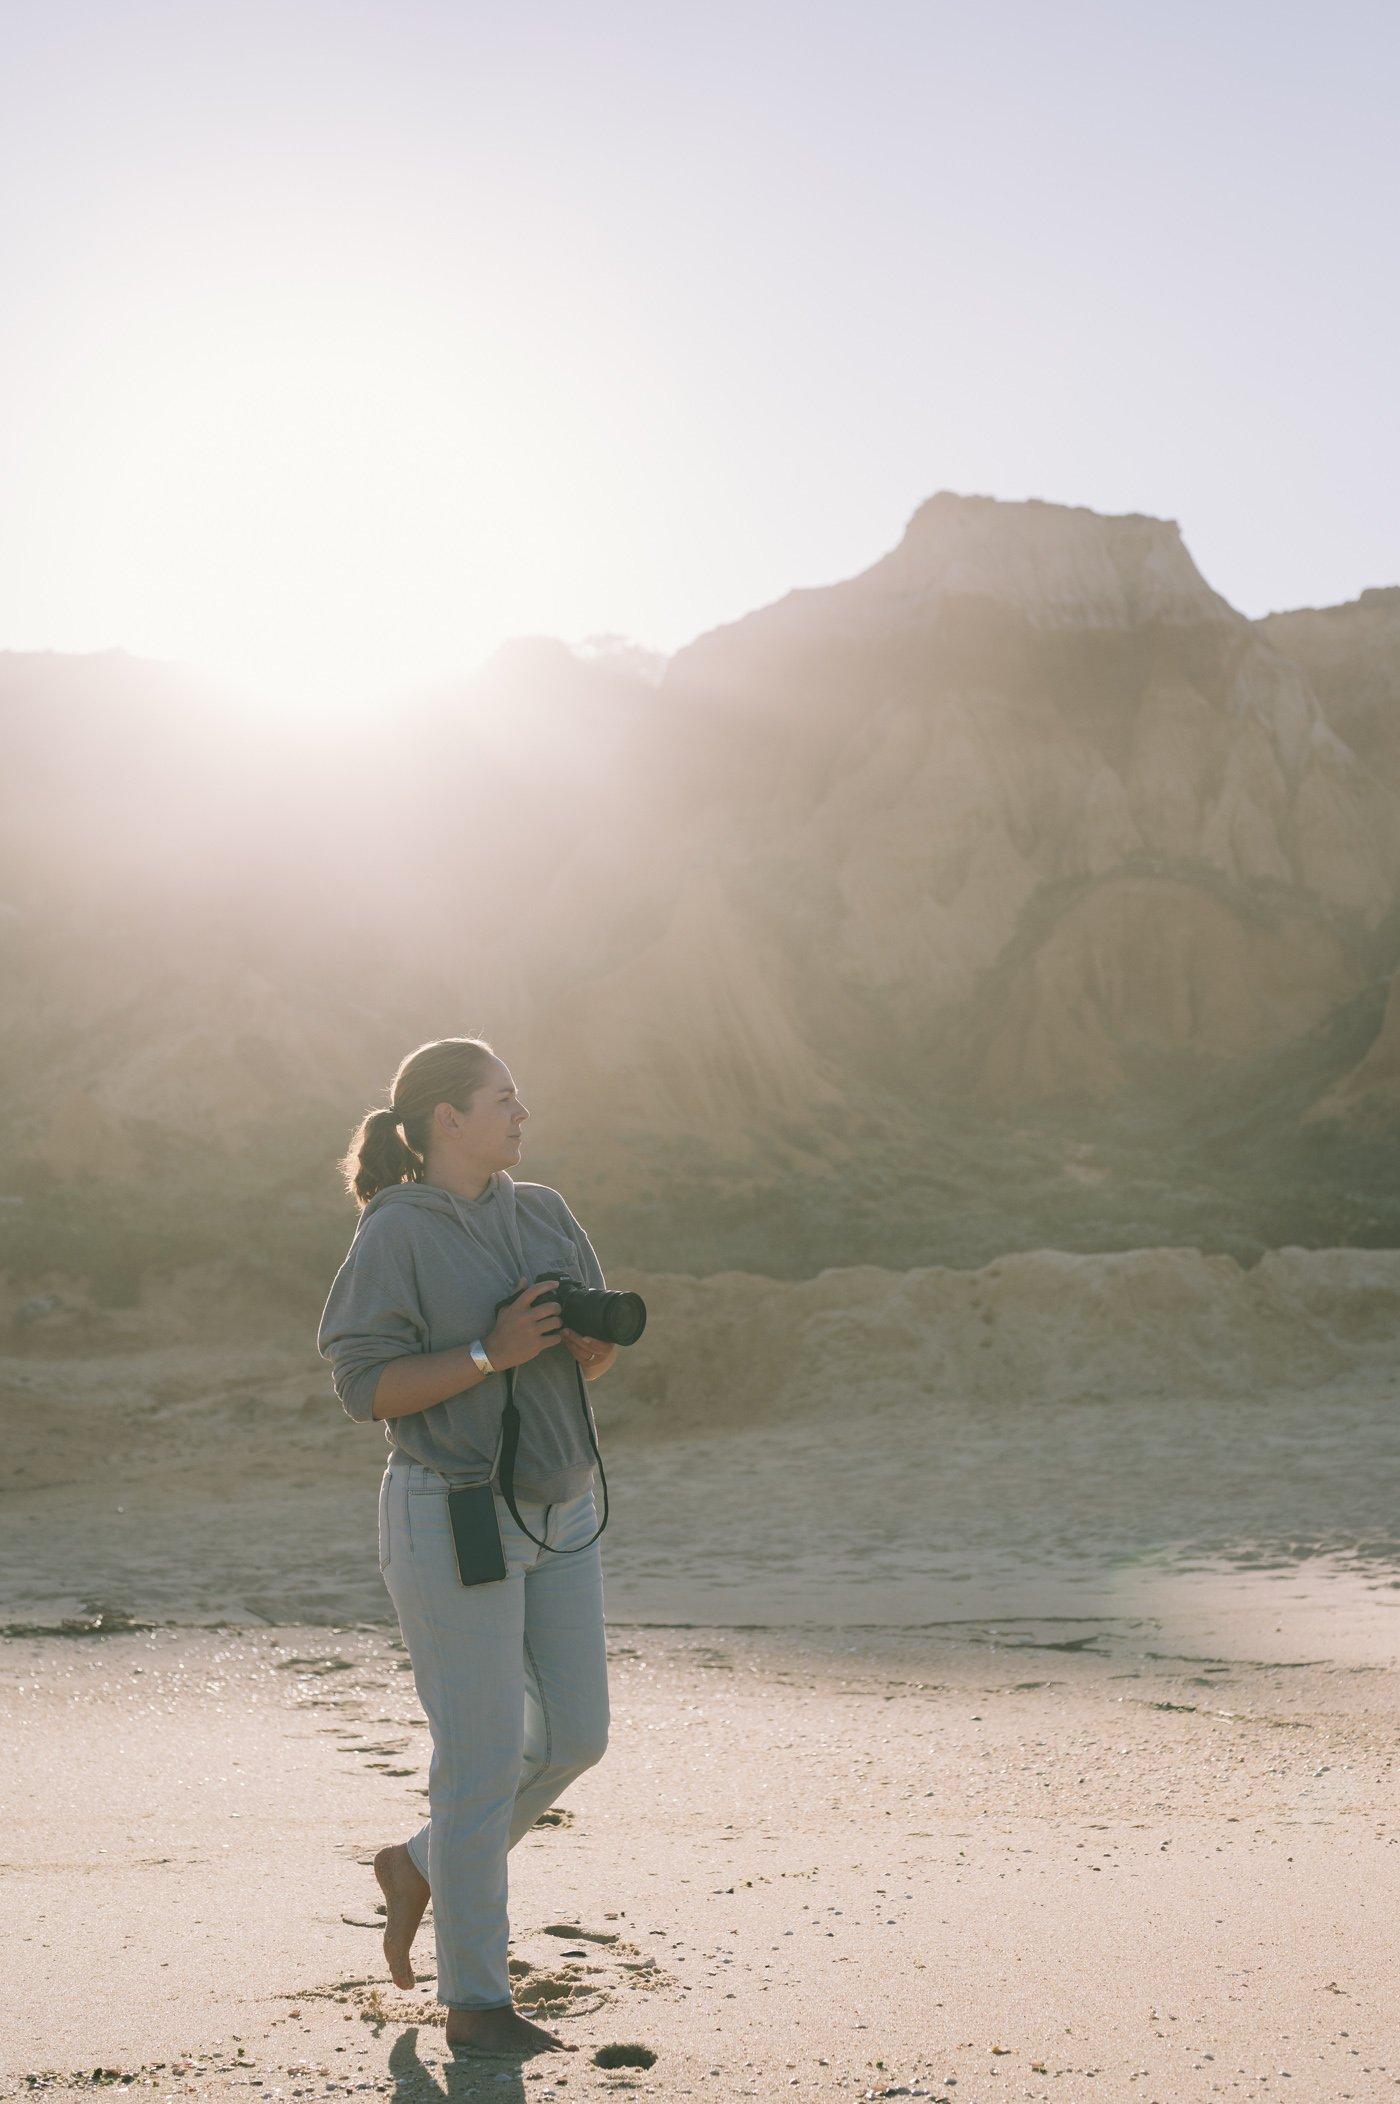 Marion Payr photographing at Praia da Galé - Fontainhas